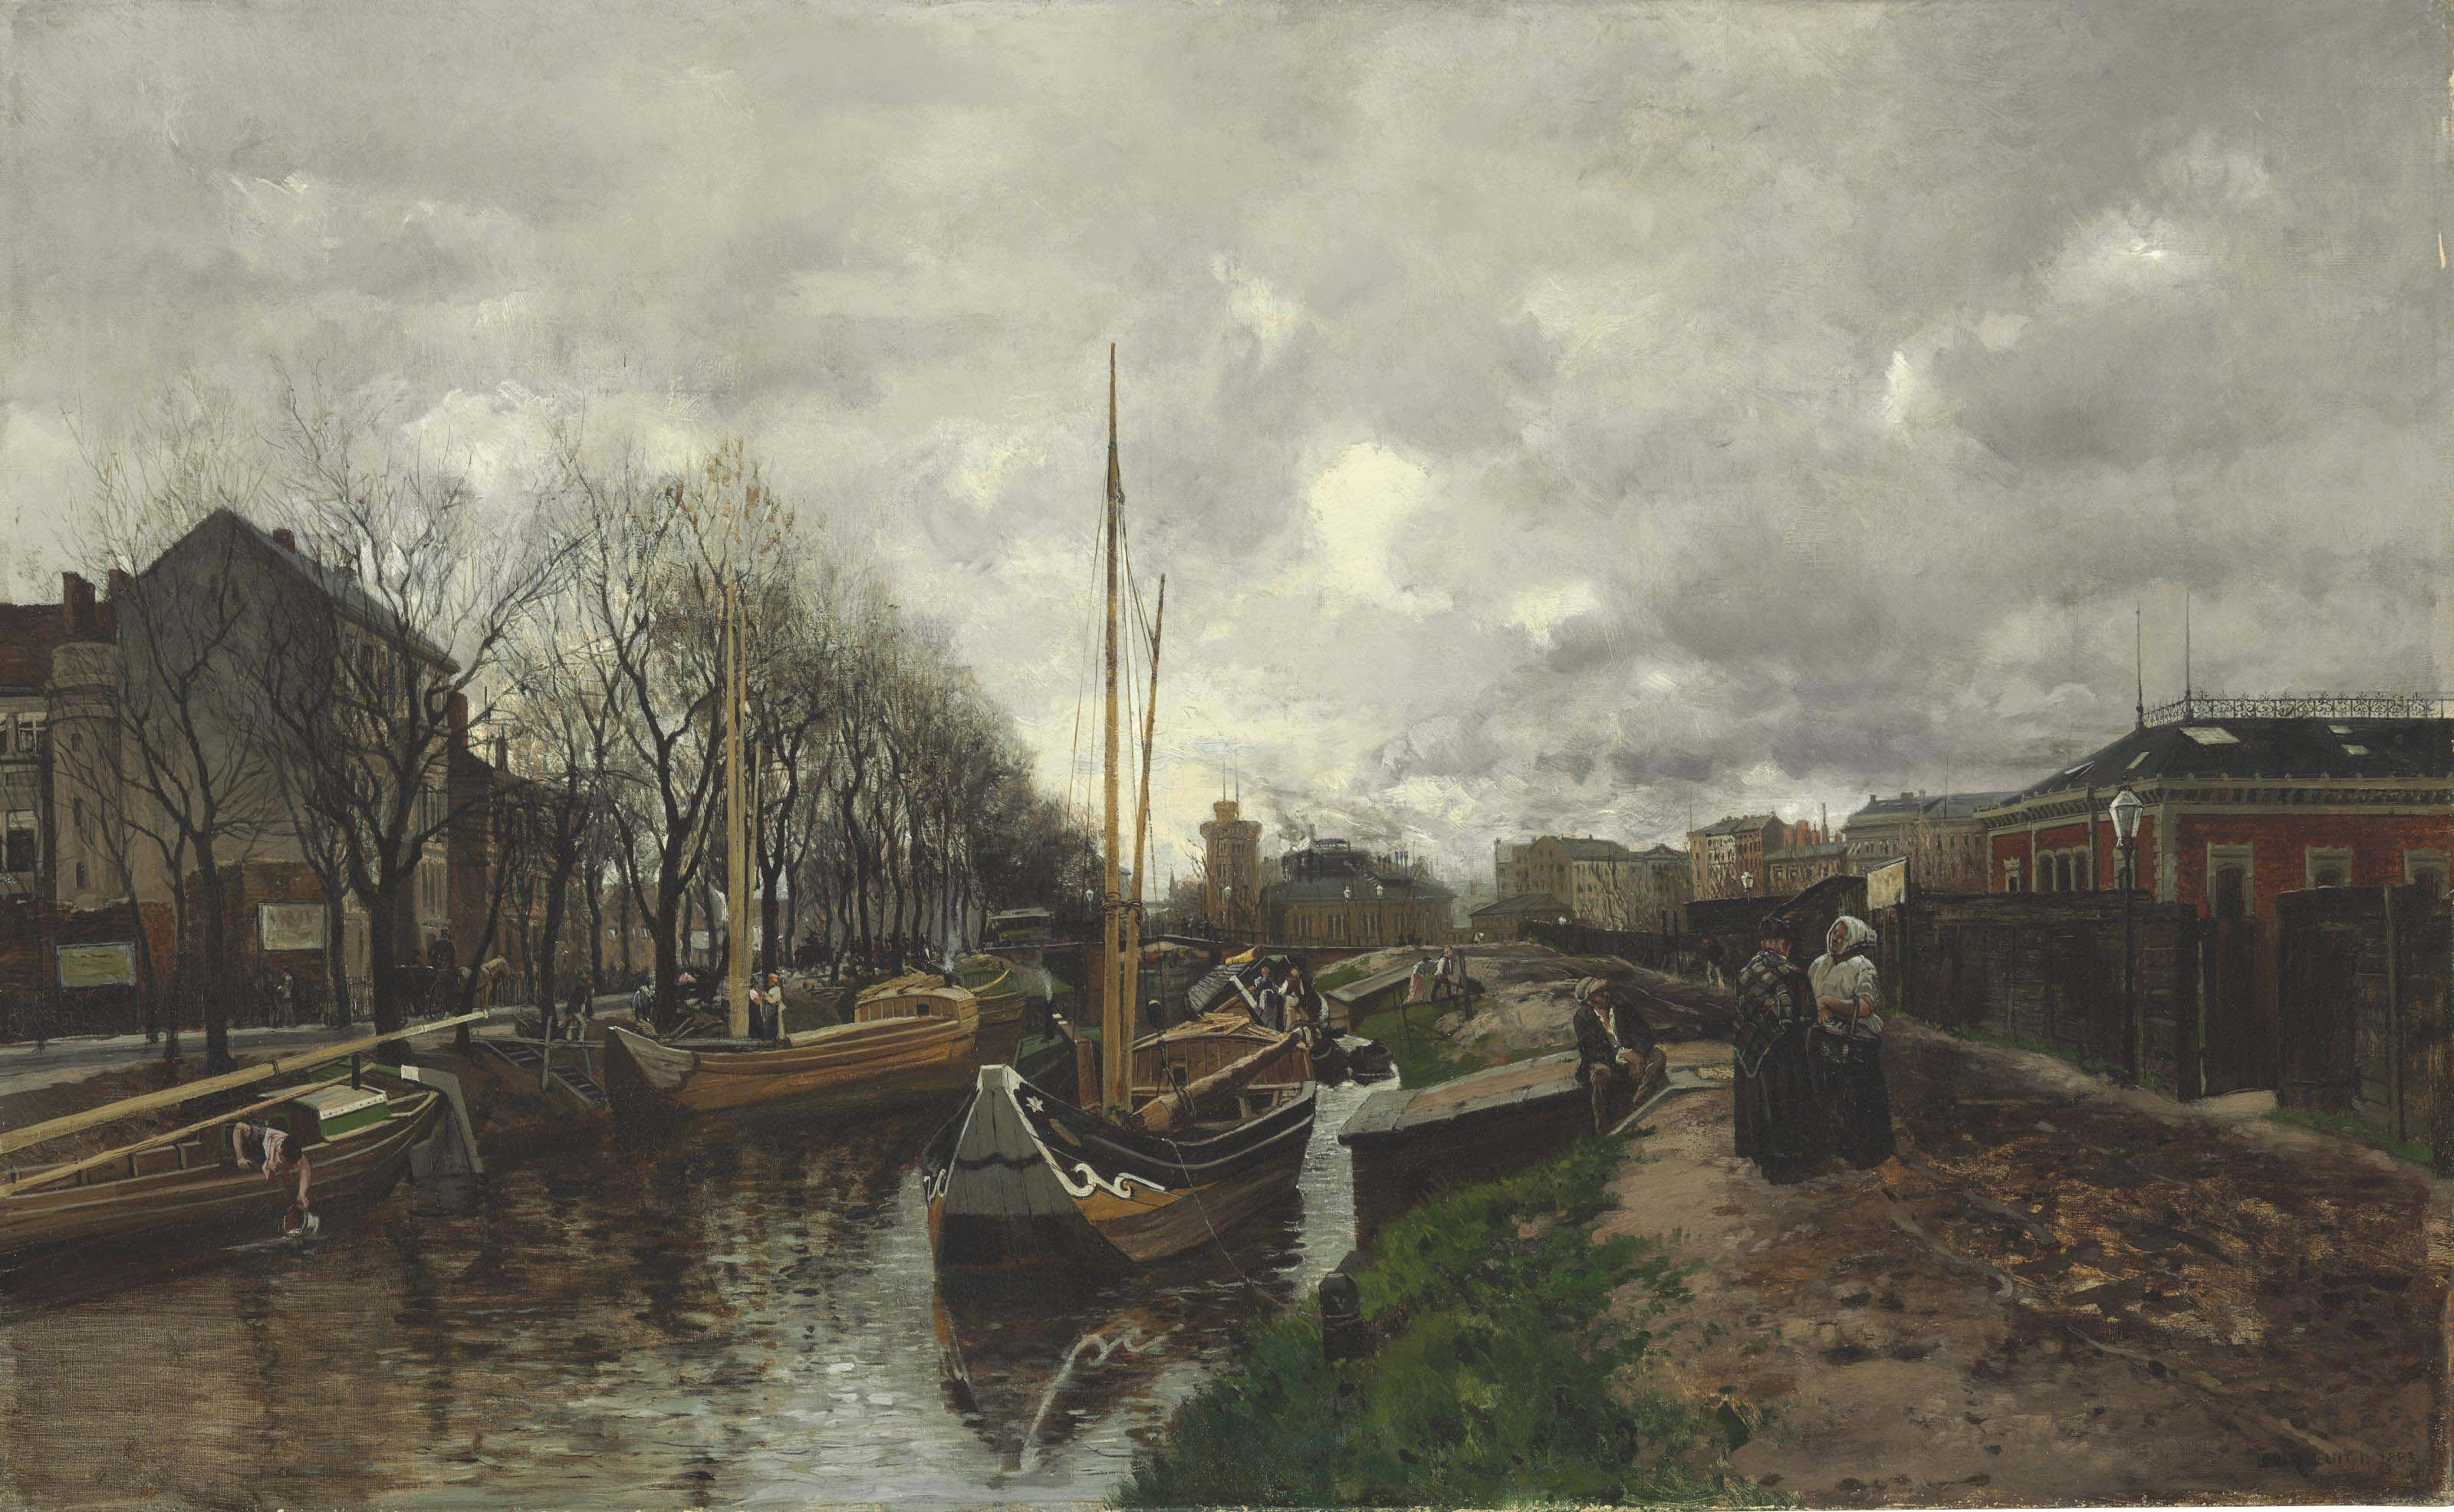 Bateaux sur un affluent de la Seine